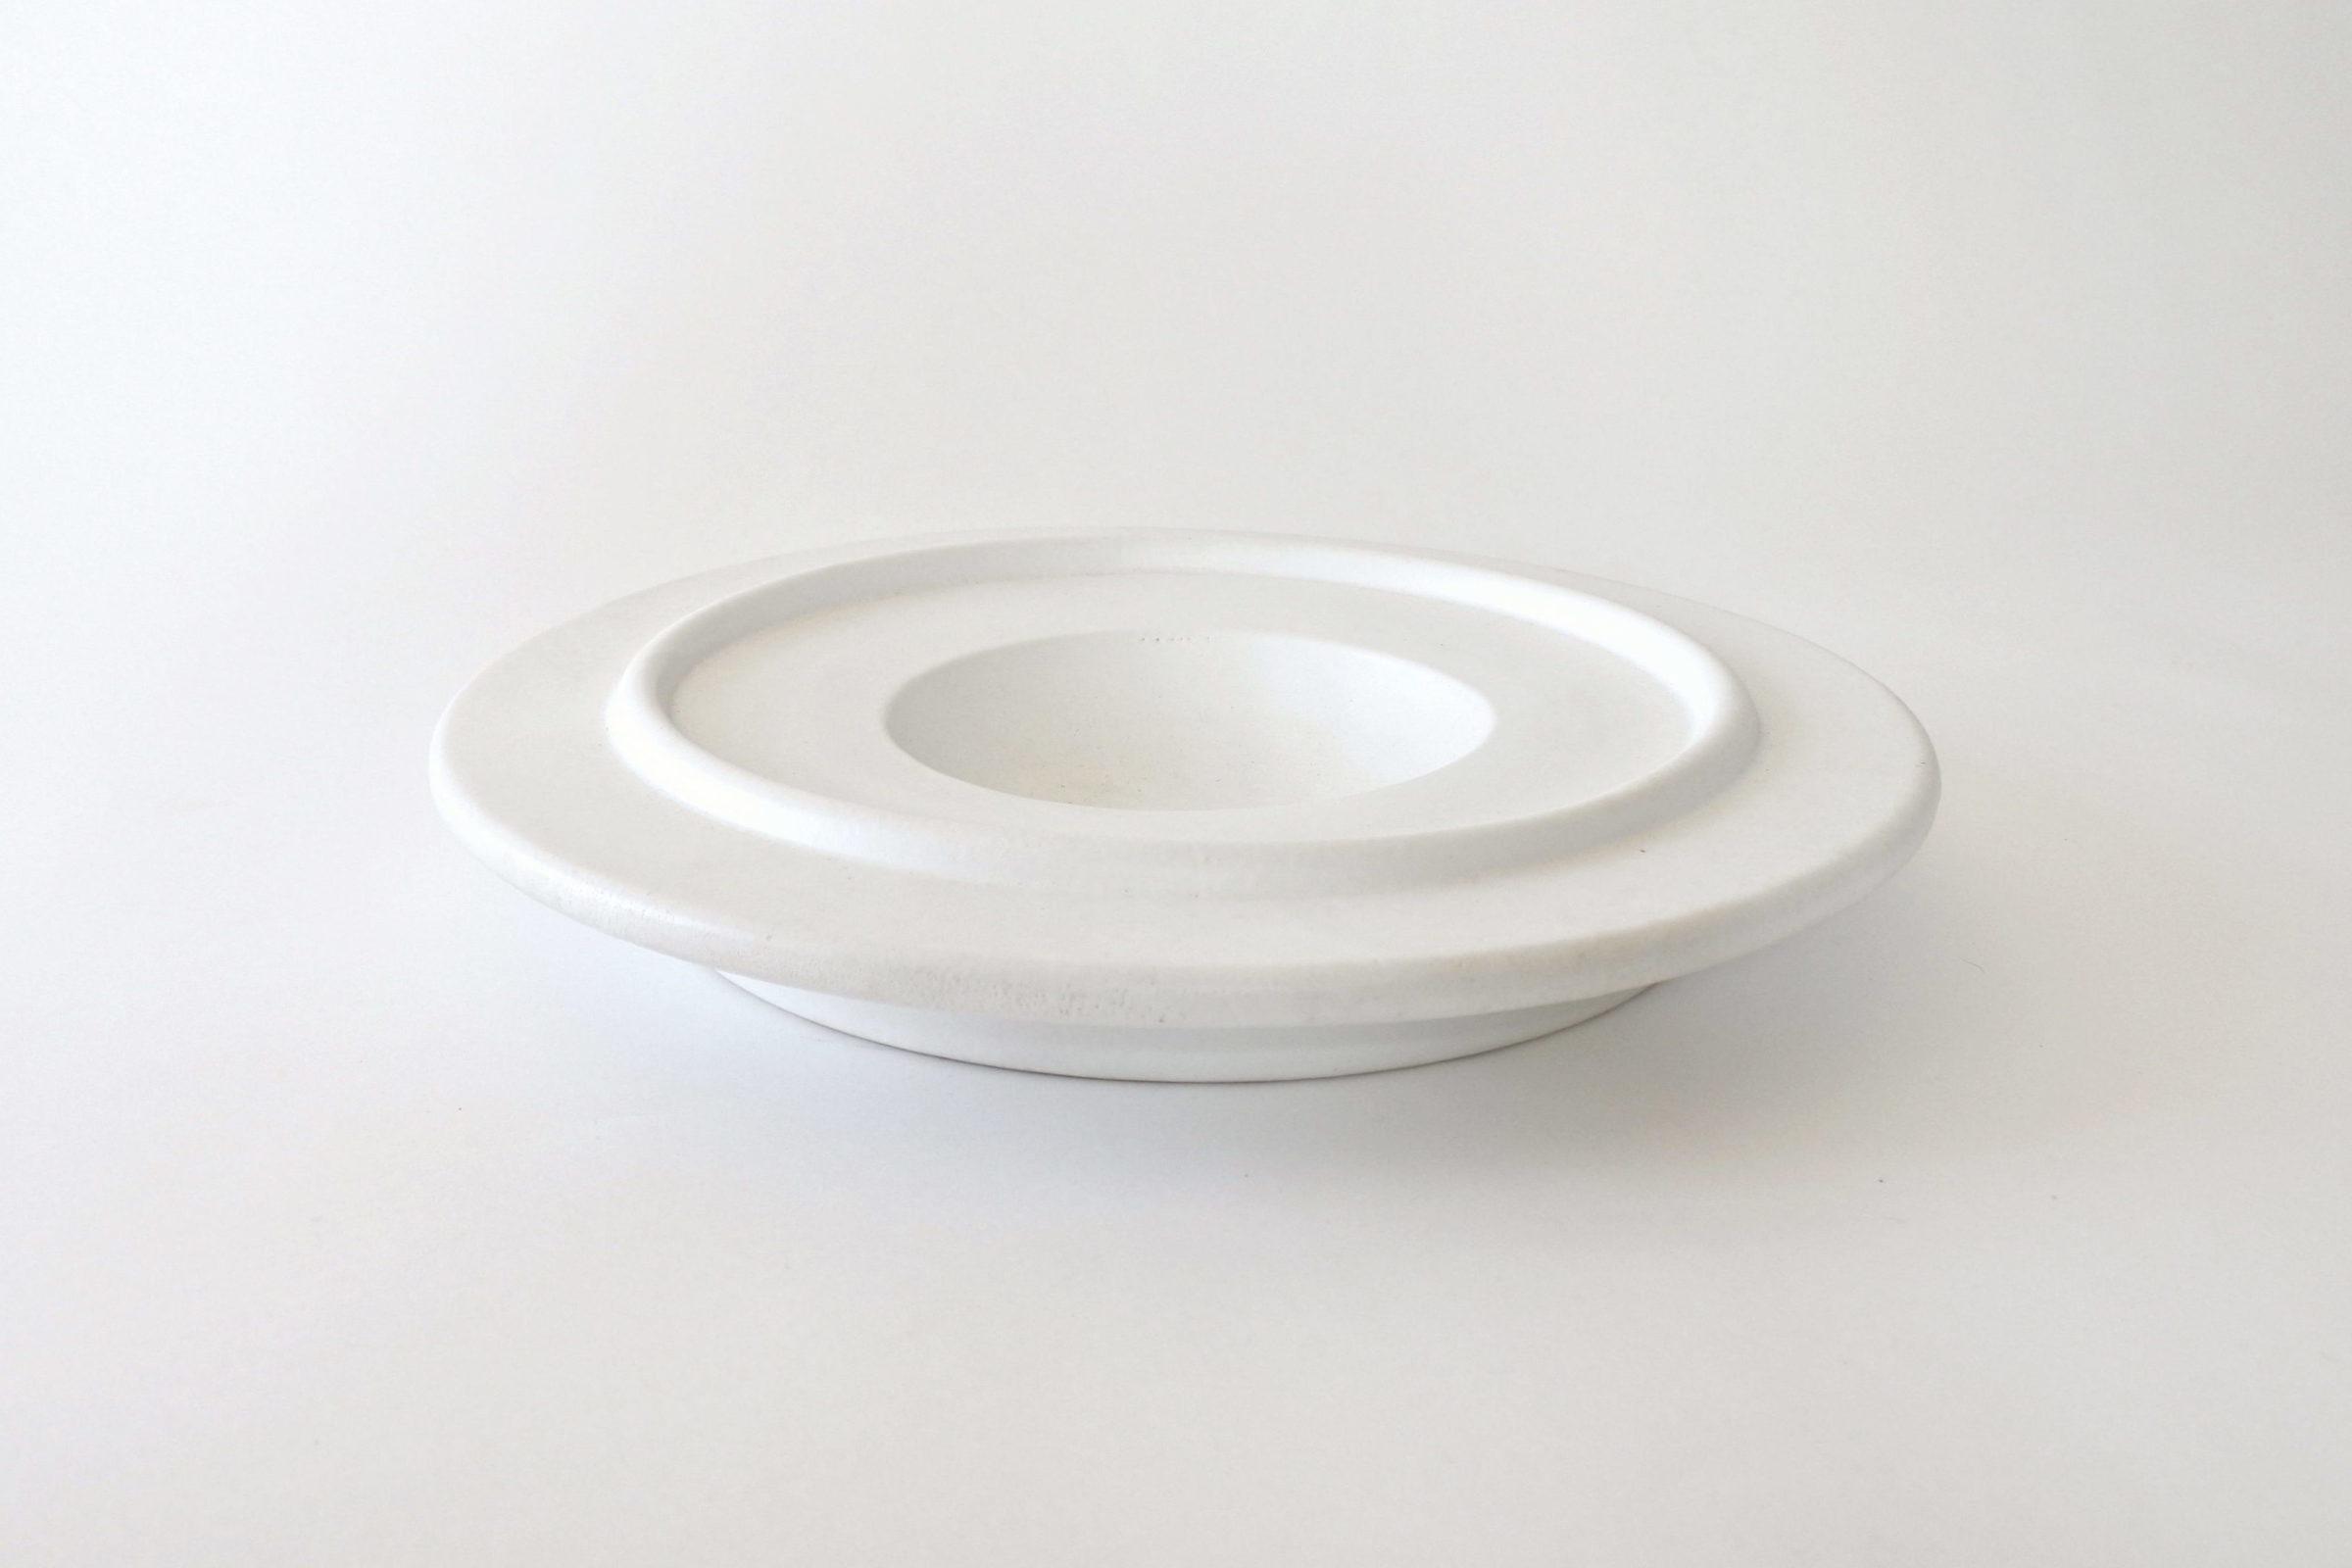 Centro tavola in ceramica bianca - Ettore Sottsass per ceramiche Bitossi - 2